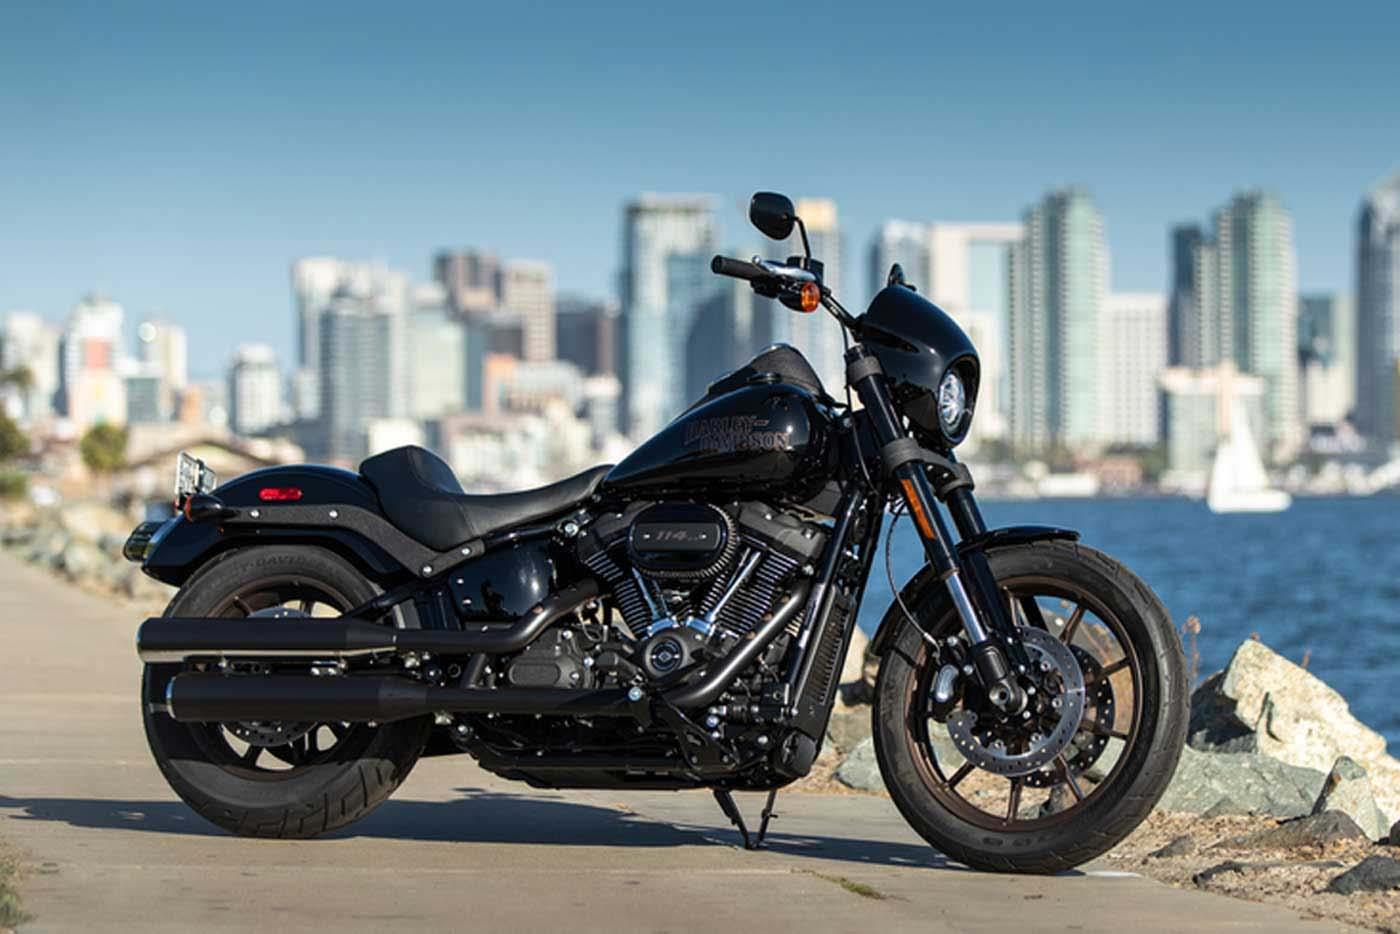 Zeigt die neue Harley-Davidson Low Rider S 2020